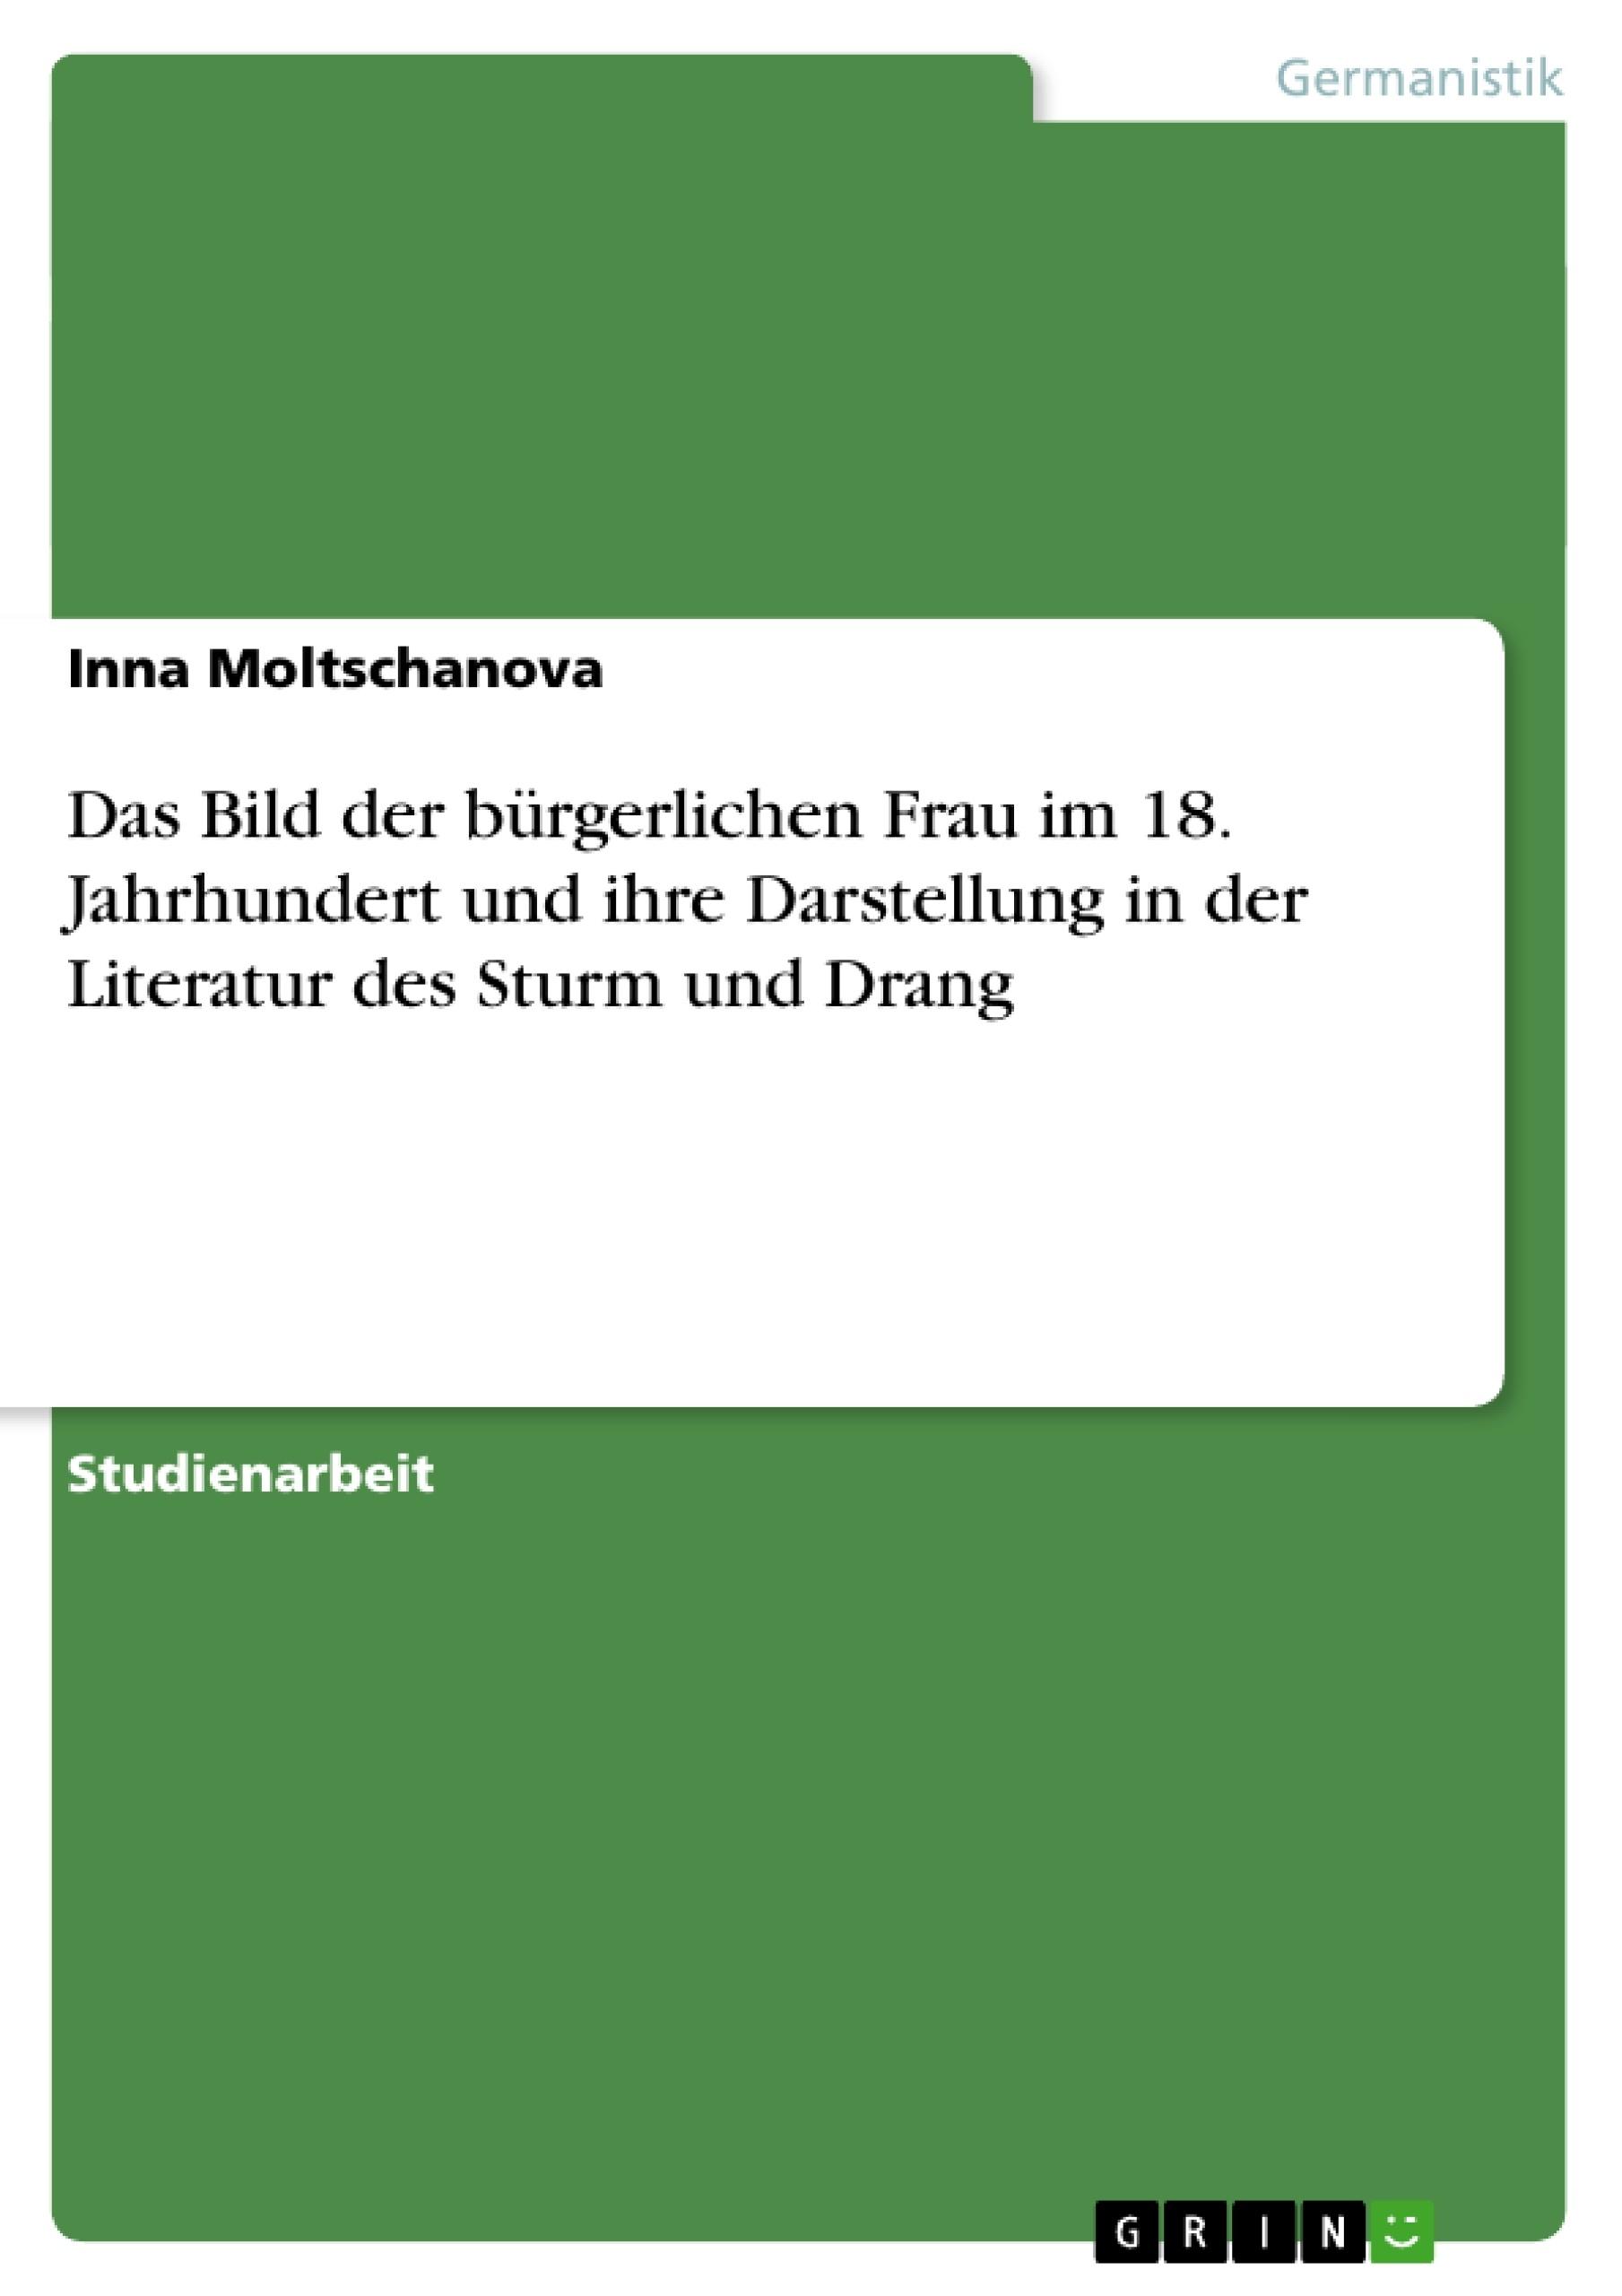 Titel: Das Bild der bürgerlichen Frau im 18. Jahrhundert und ihre Darstellung in der Literatur des Sturm und Drang